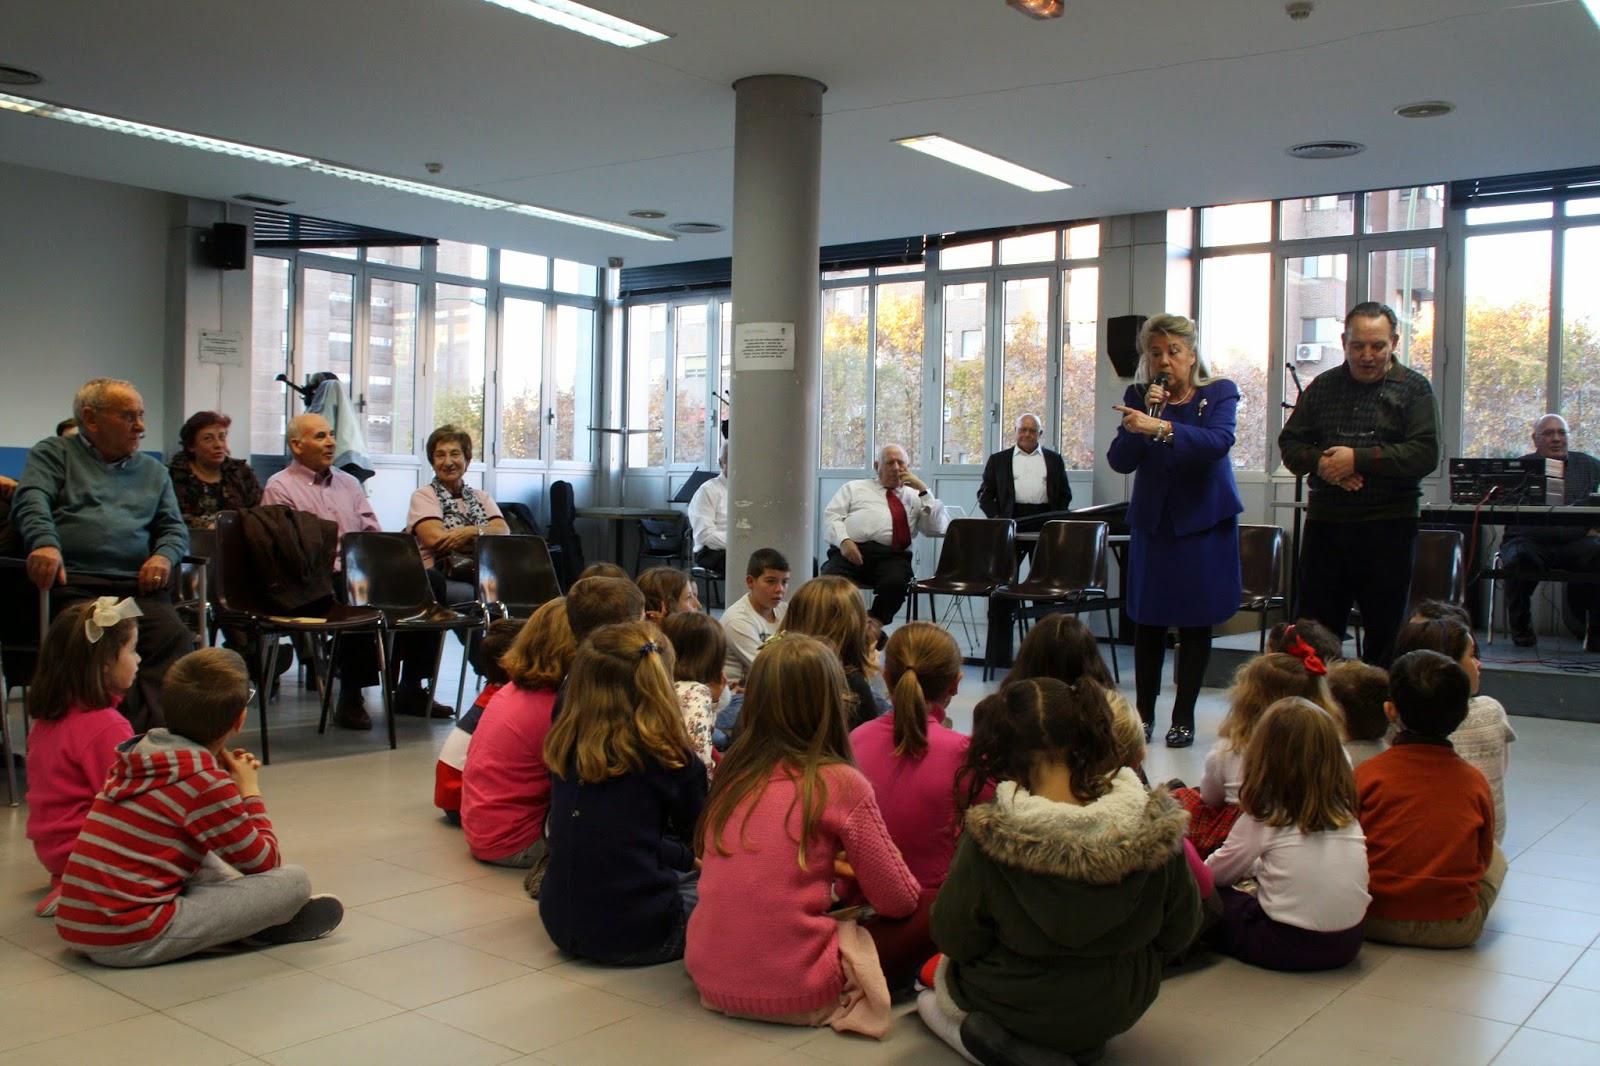 La Concejala de Moratalaz, Begoña Larrainzar, participa en las actividades junto a niños.